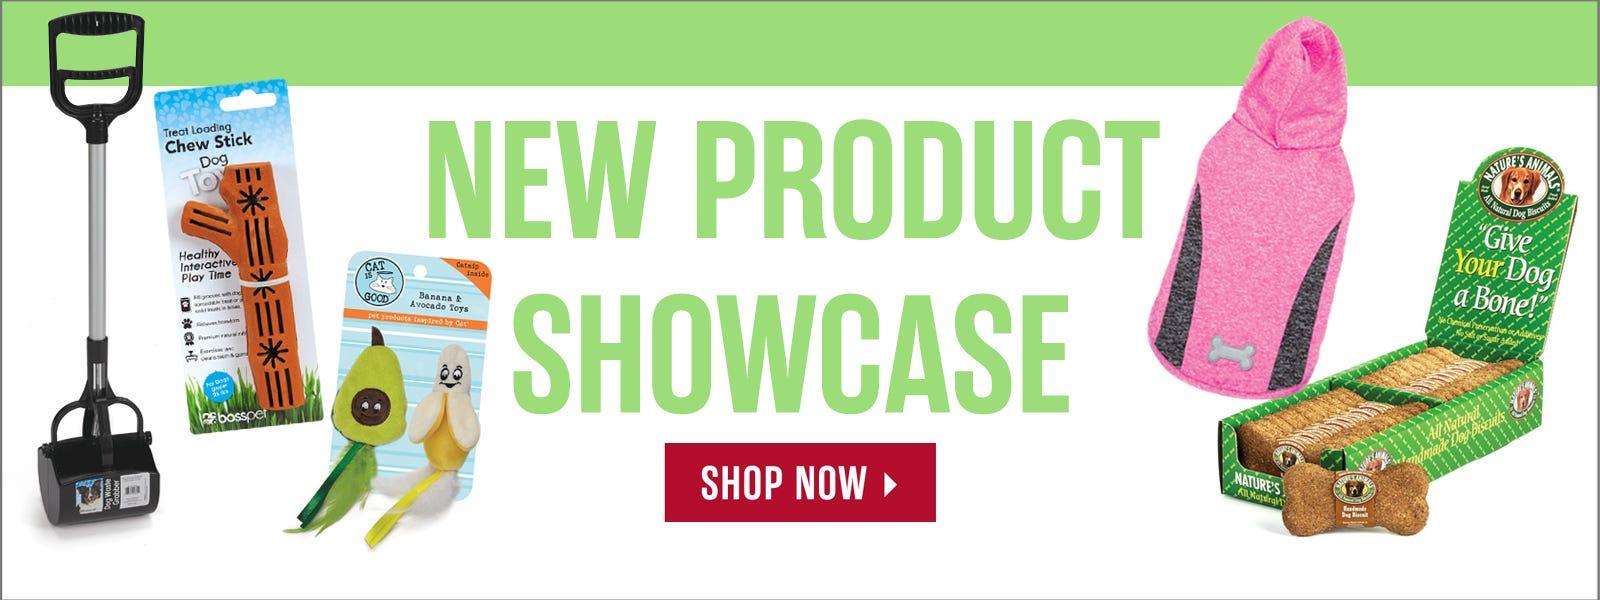 Nsw Product Showcase